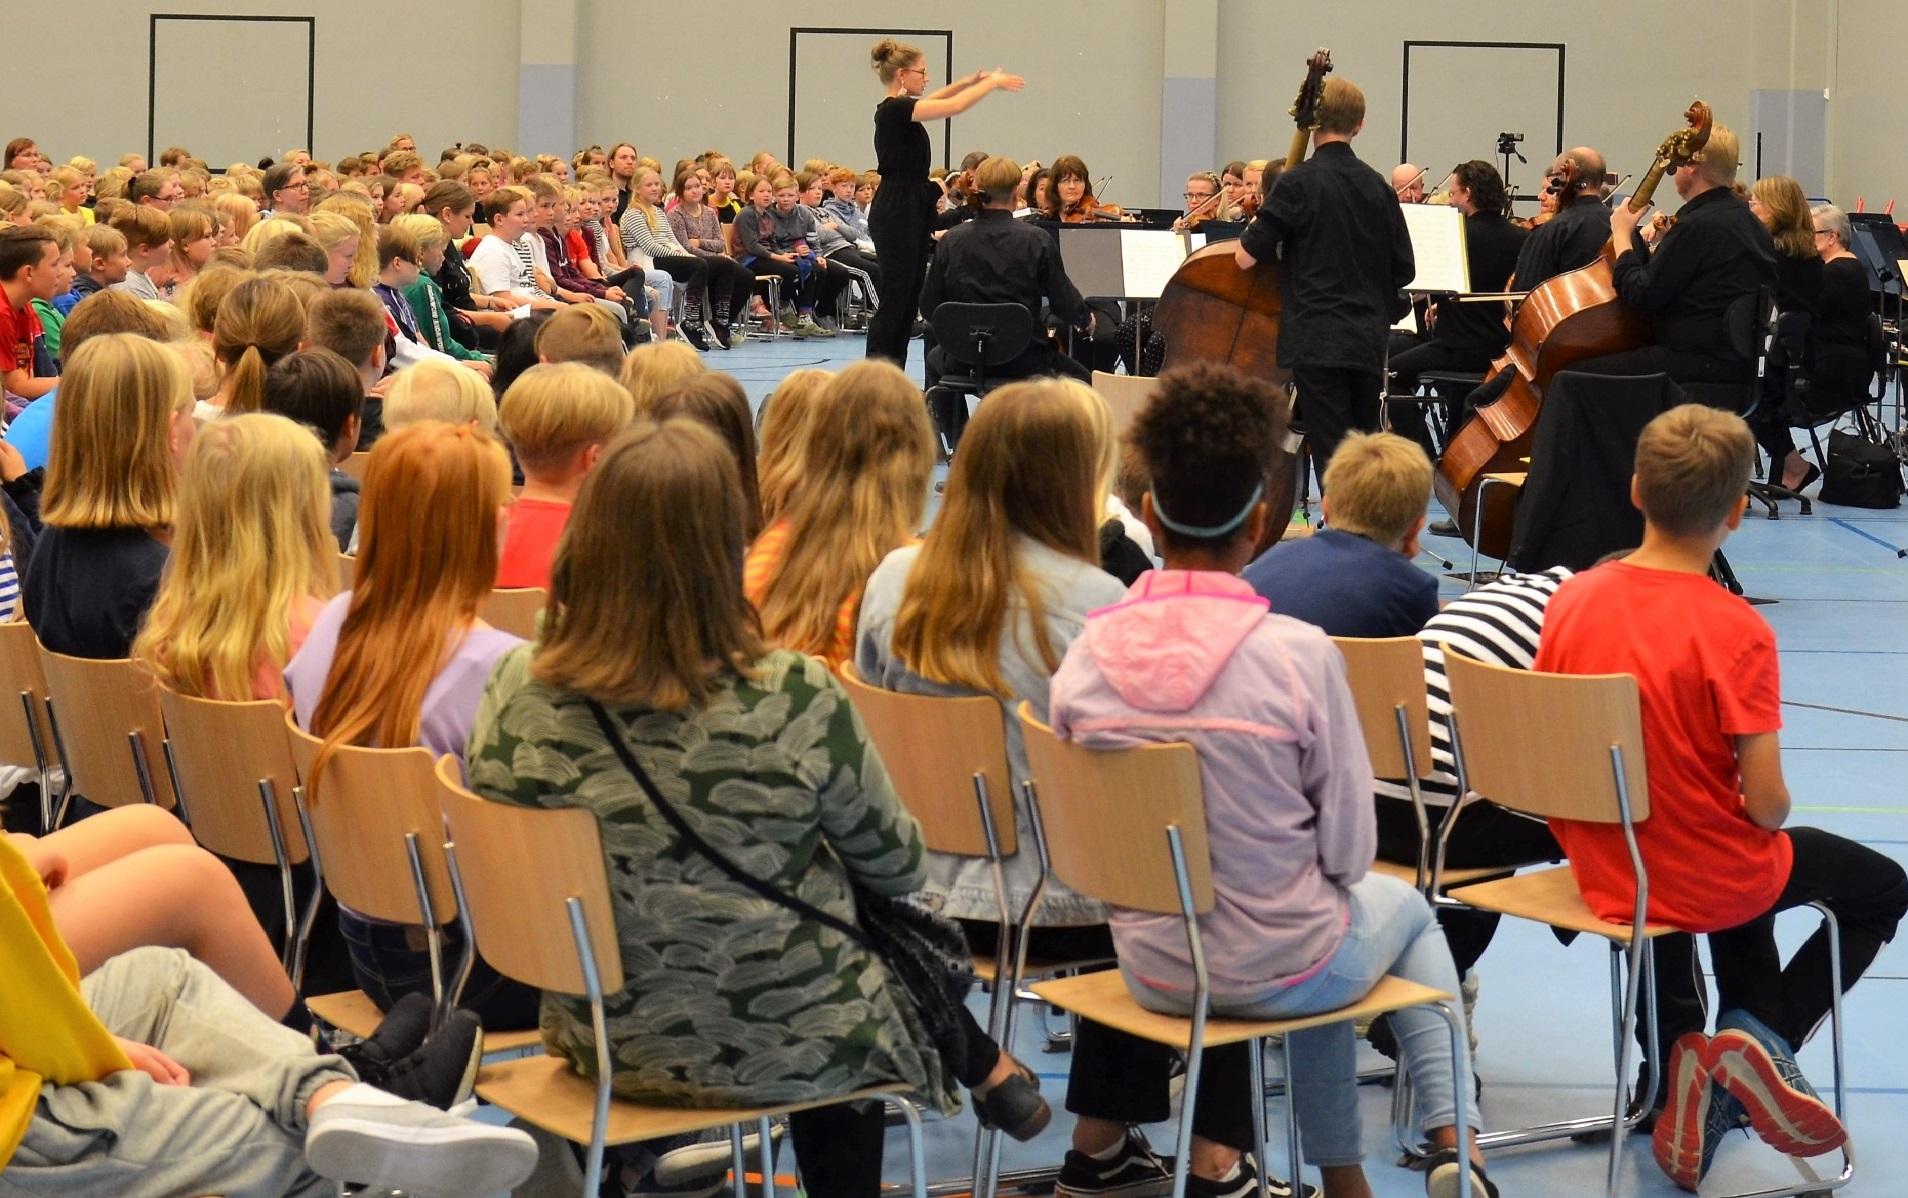 sinf_6lkkoululaiskonsertti_palokka2.jpg